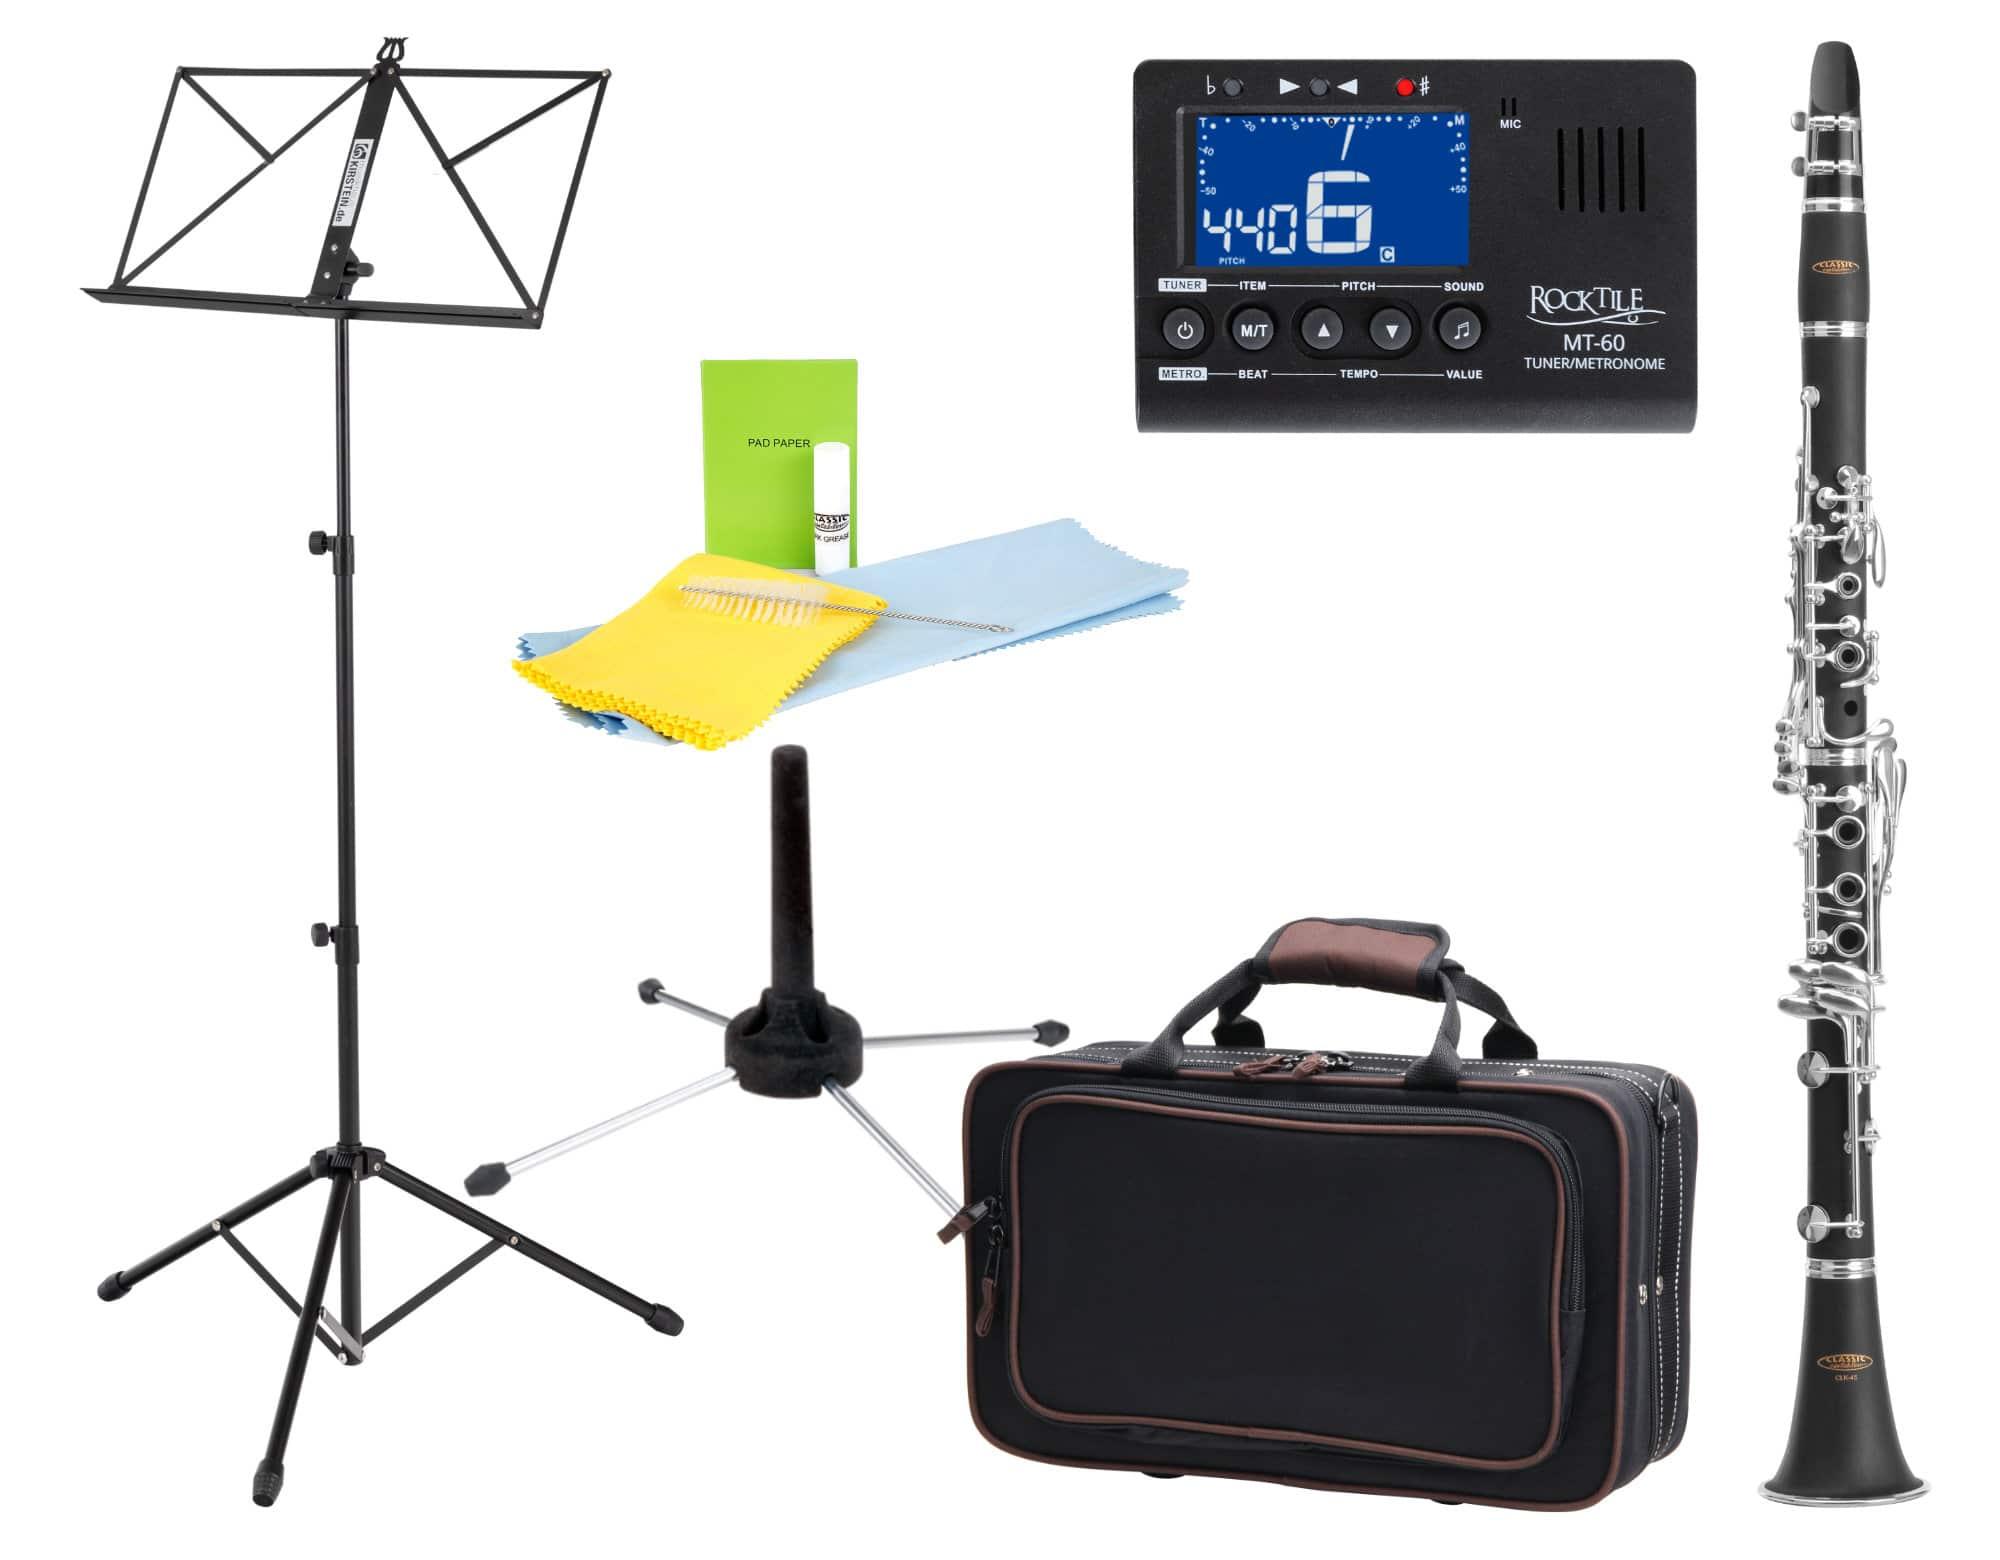 Klarinetten - Classic Cantabile CLK 45 B Klarinette Set inkl. Notenständer, Stimmgerät und Ständer - Onlineshop Musikhaus Kirstein